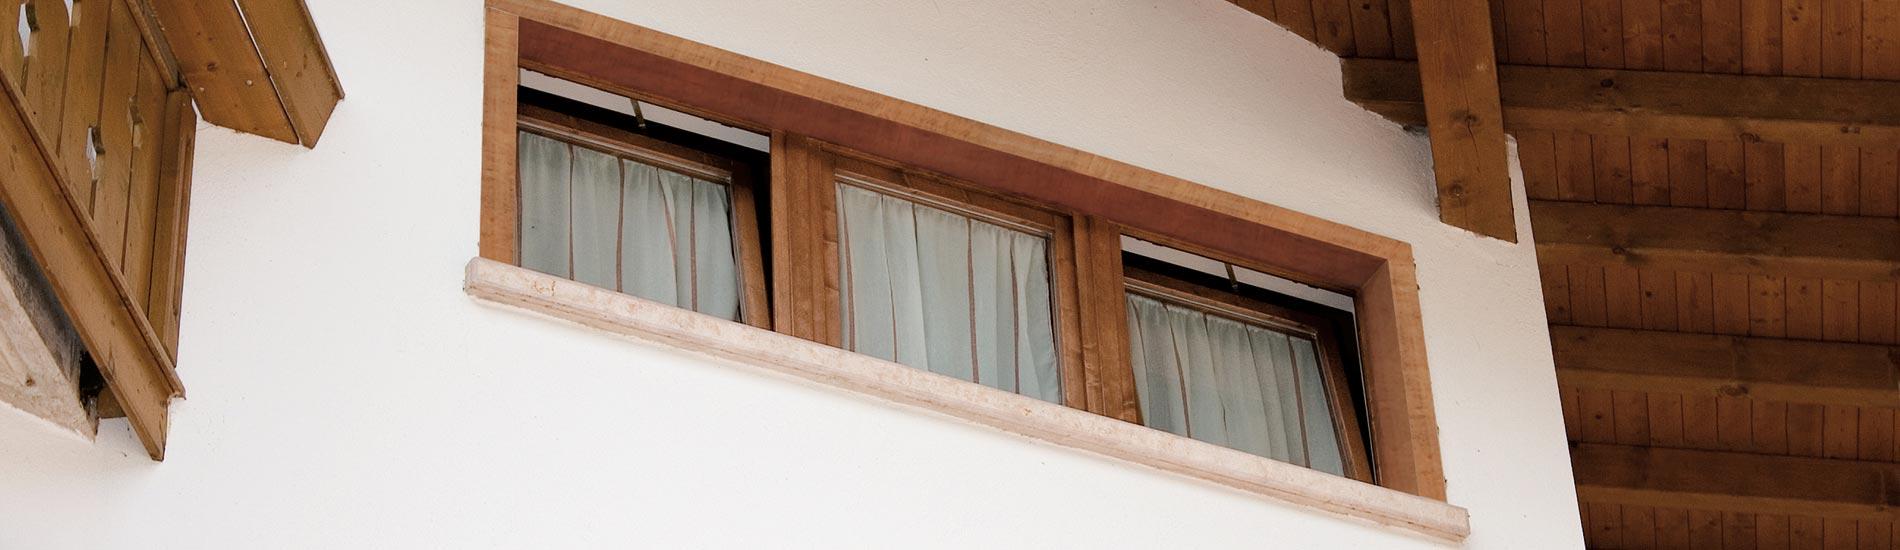 Isolamento termico mazzini serramenti - Finestre isolamento termico ...